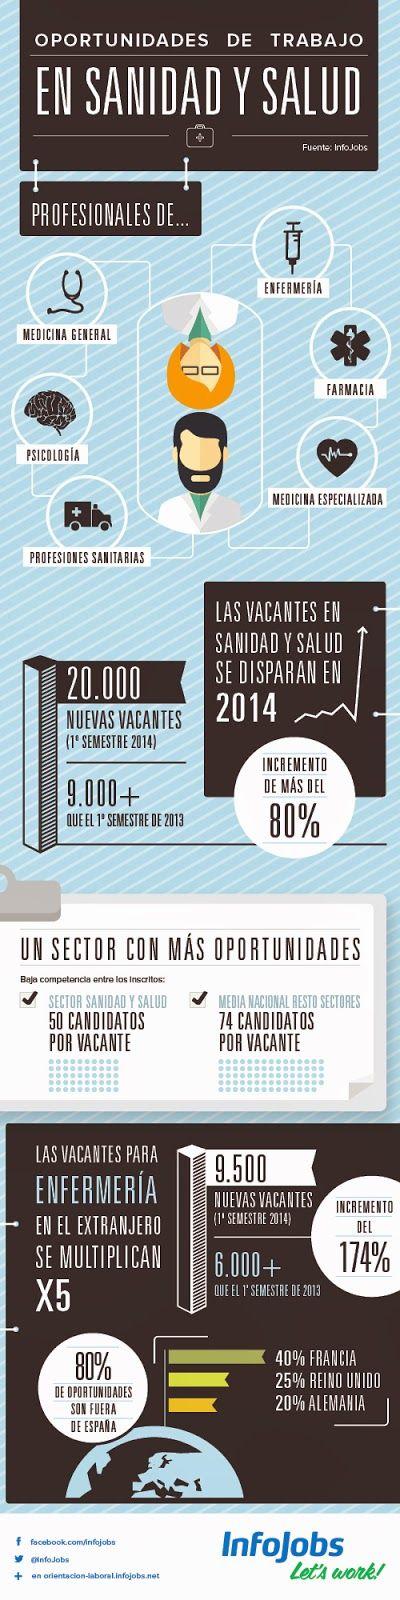 #Infografia sobre las oportunidades laborales en el Sector de la Sanidad y Salud. ~ ESPAI DE RECERCA ACTIVA DE FEINA #empleo #infographic #rrhh #orientacionlaboral #mercadolaboral